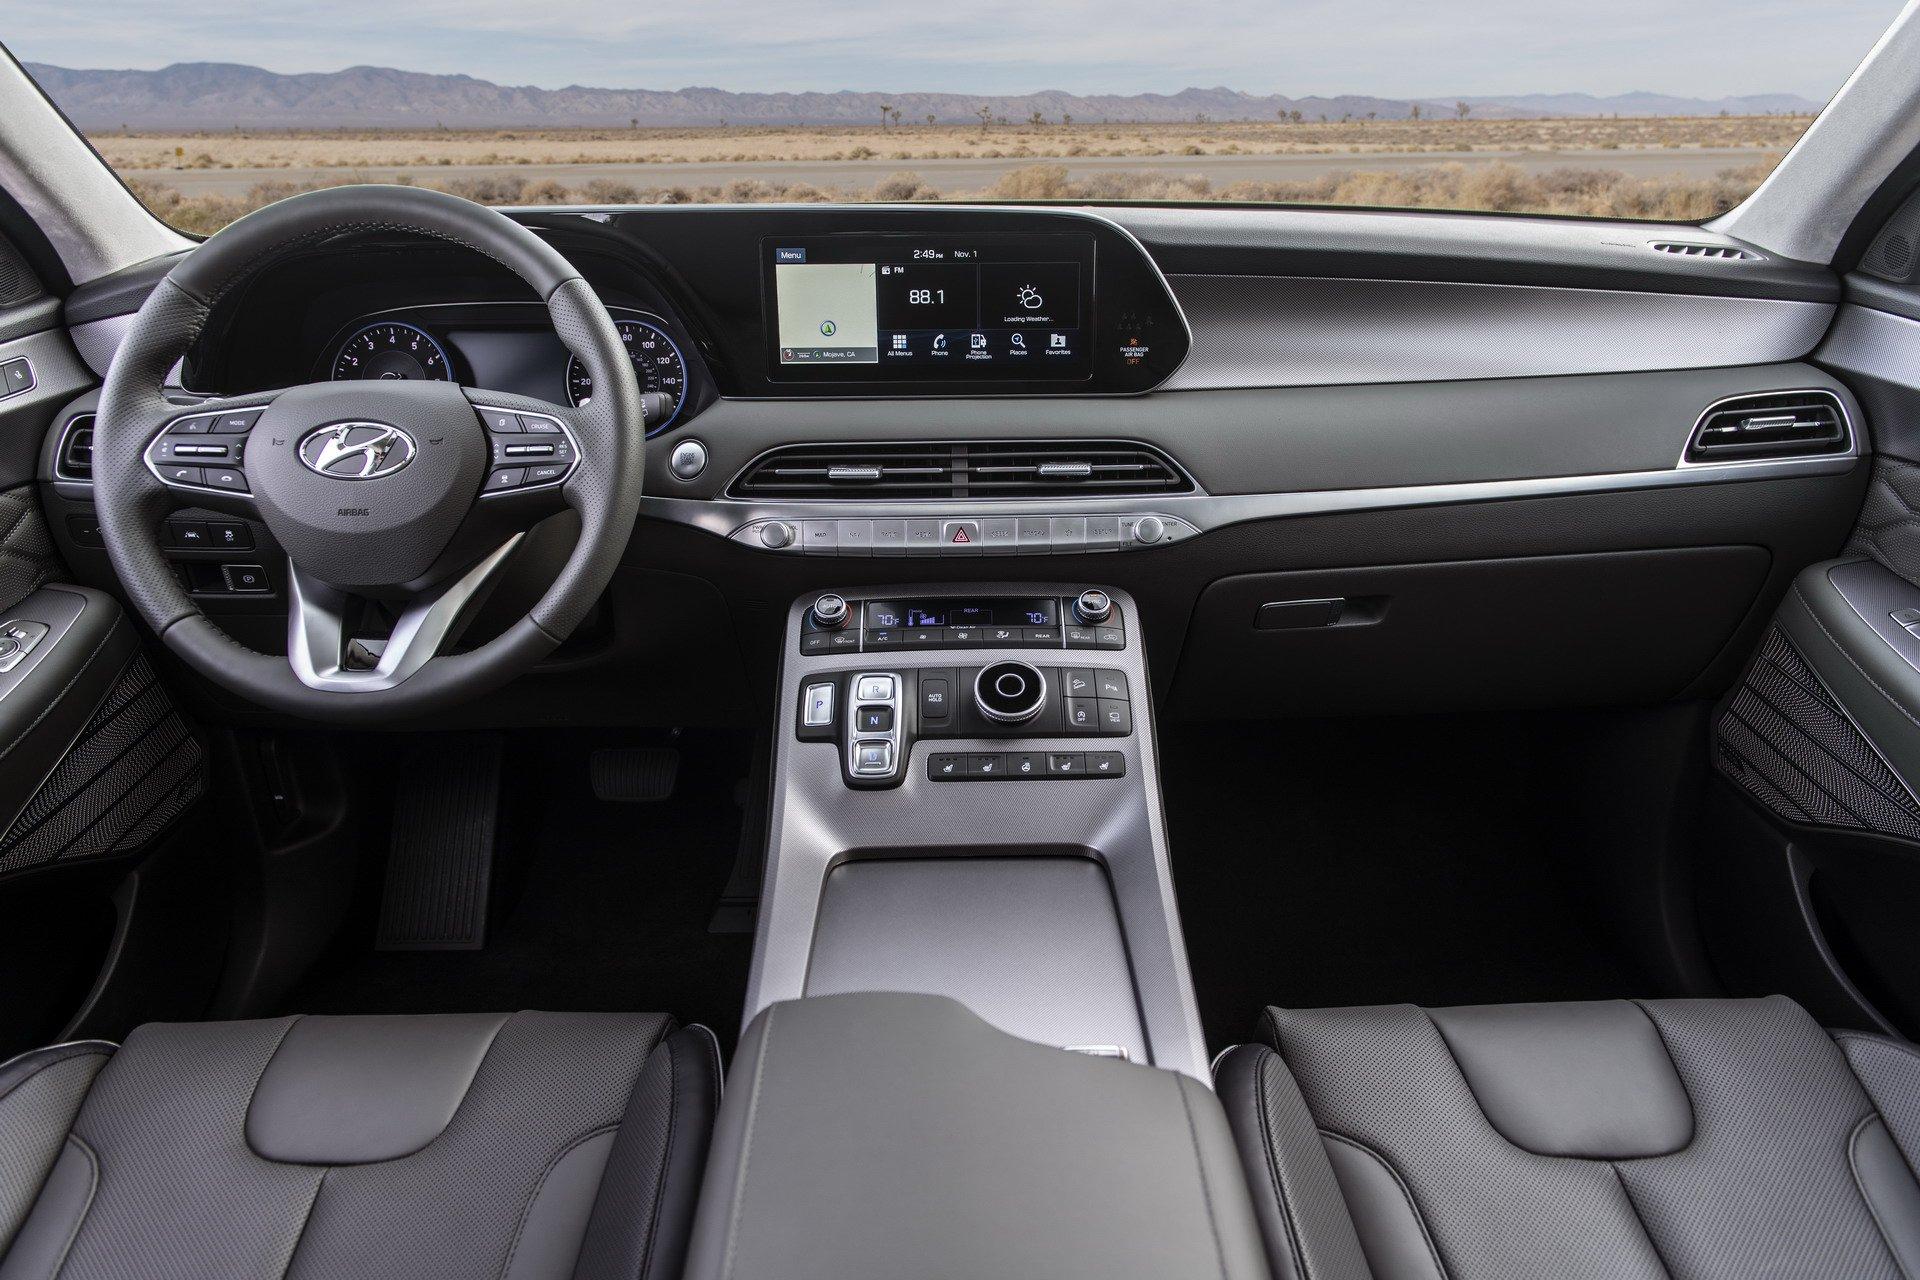 2020 Hyundai palisade cabin dashboard